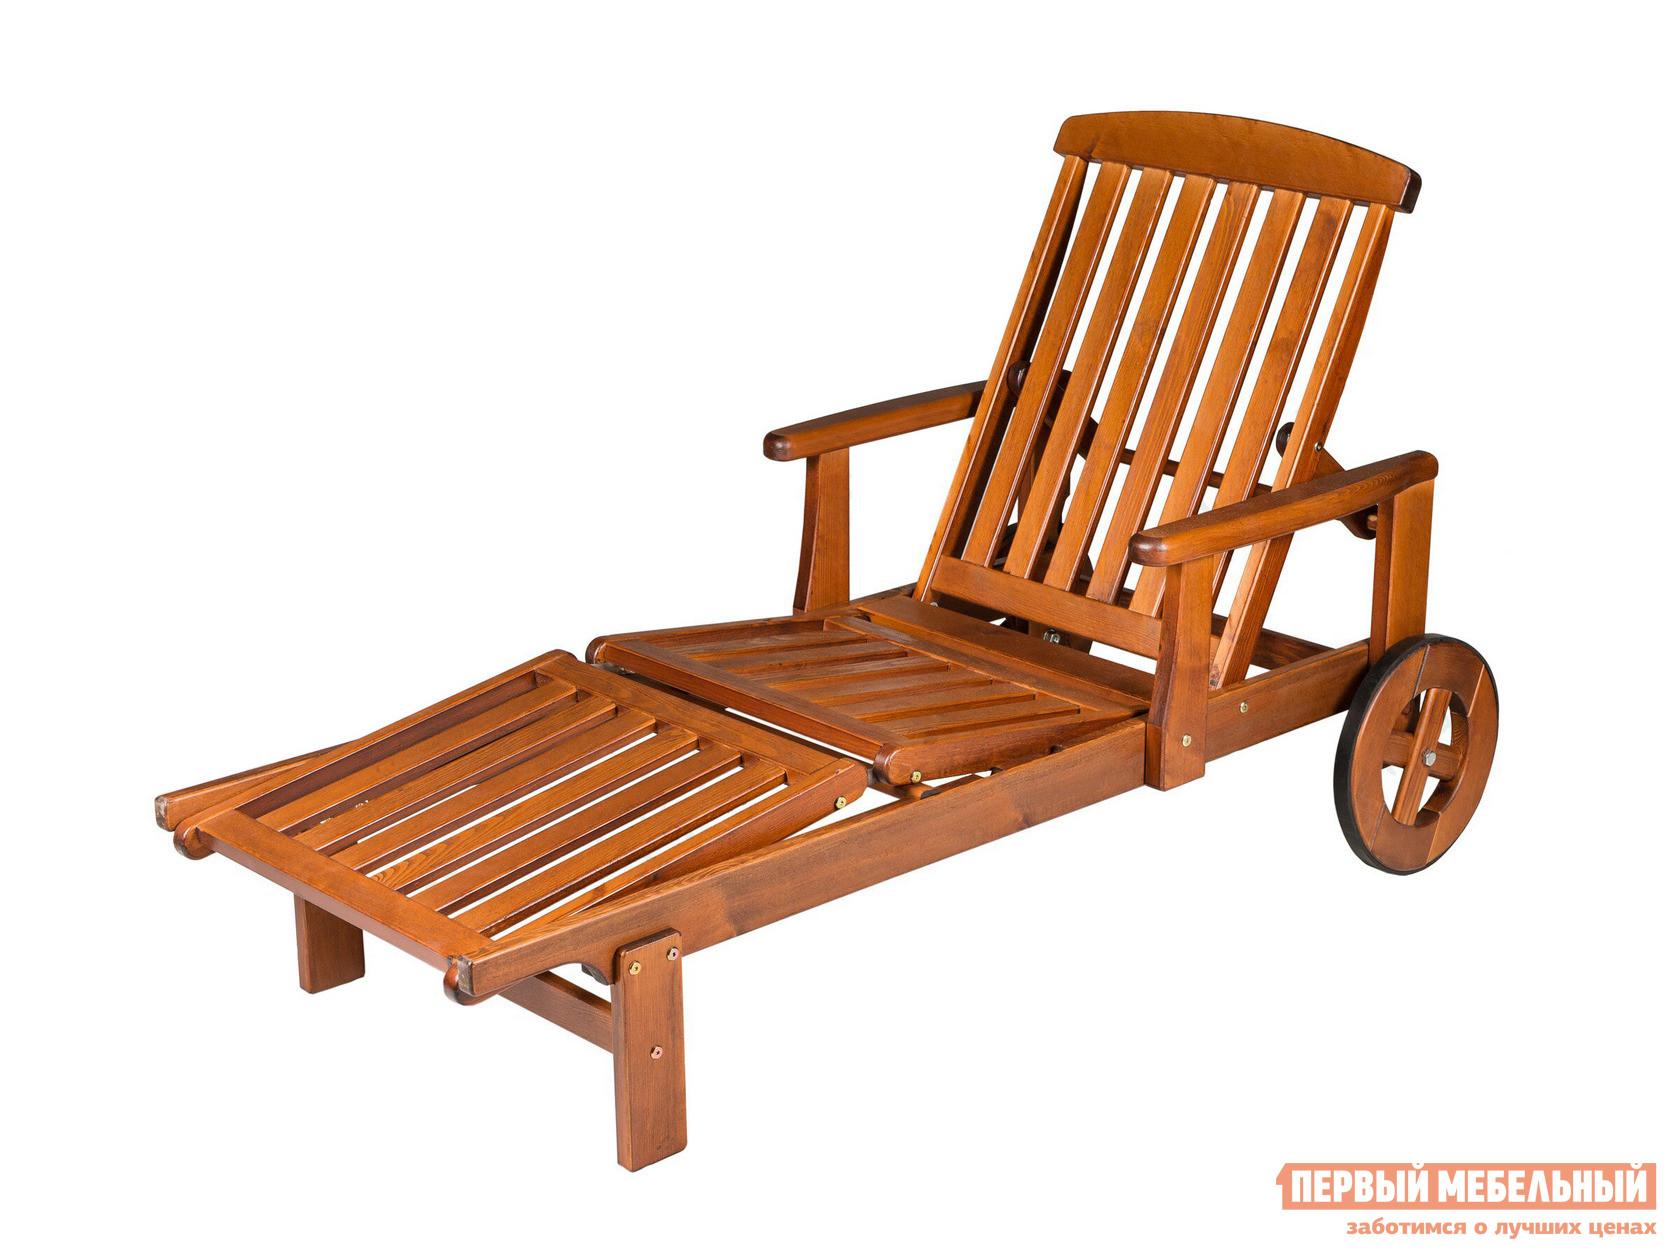 Пляжный лежак из дерева на колесах Шведская линия 705022 Regina пляжный лежак пластиковый отдых с комфортом лежак agua